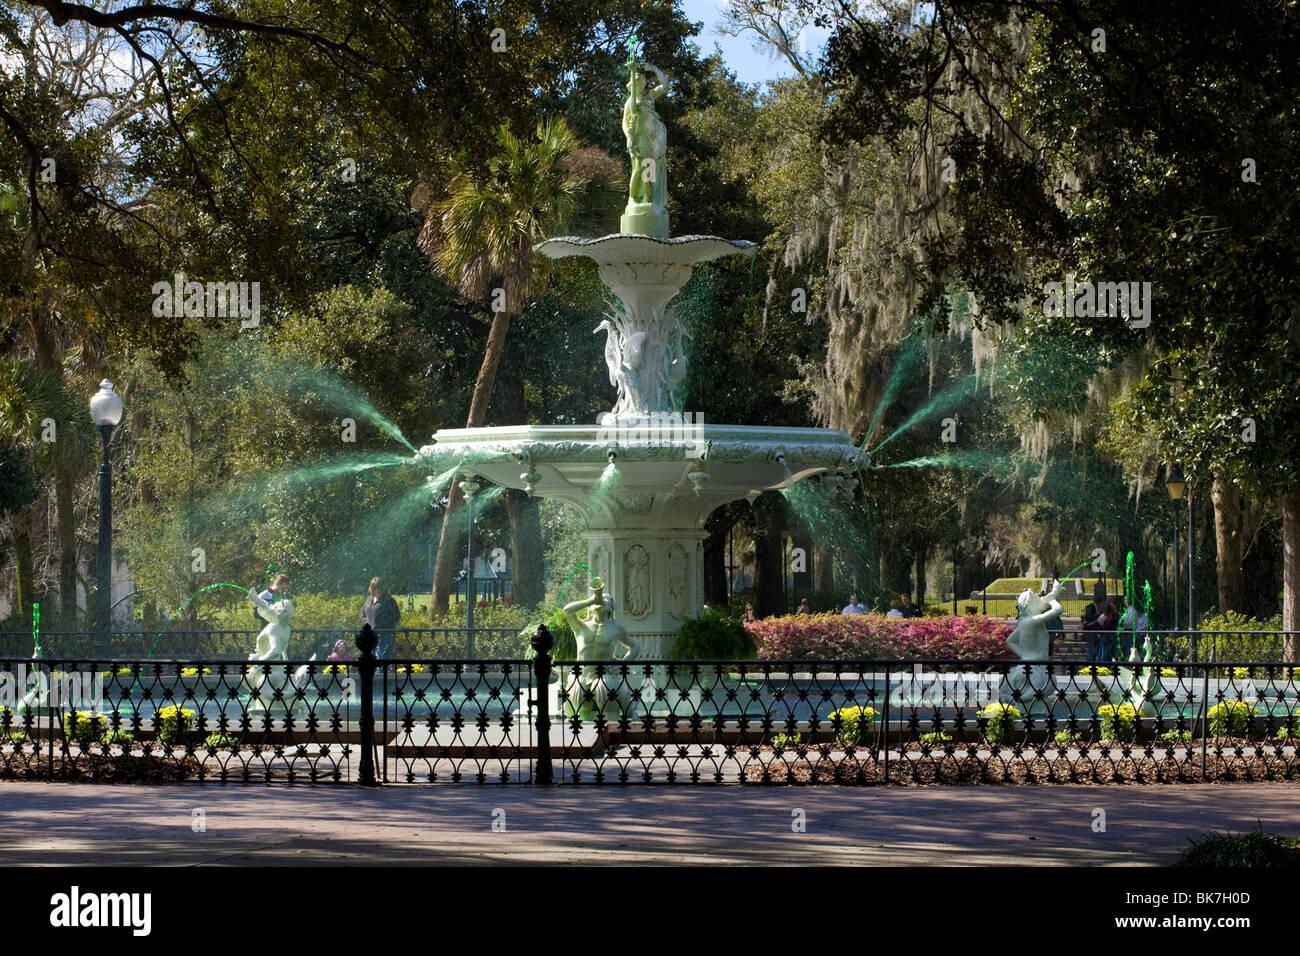 La grande fontaine dans Forsyth Park, de l'eau teint en vert pour la semaine précédant le jour de la Saint Patrick, Savannah, Géorgie Banque D'Images